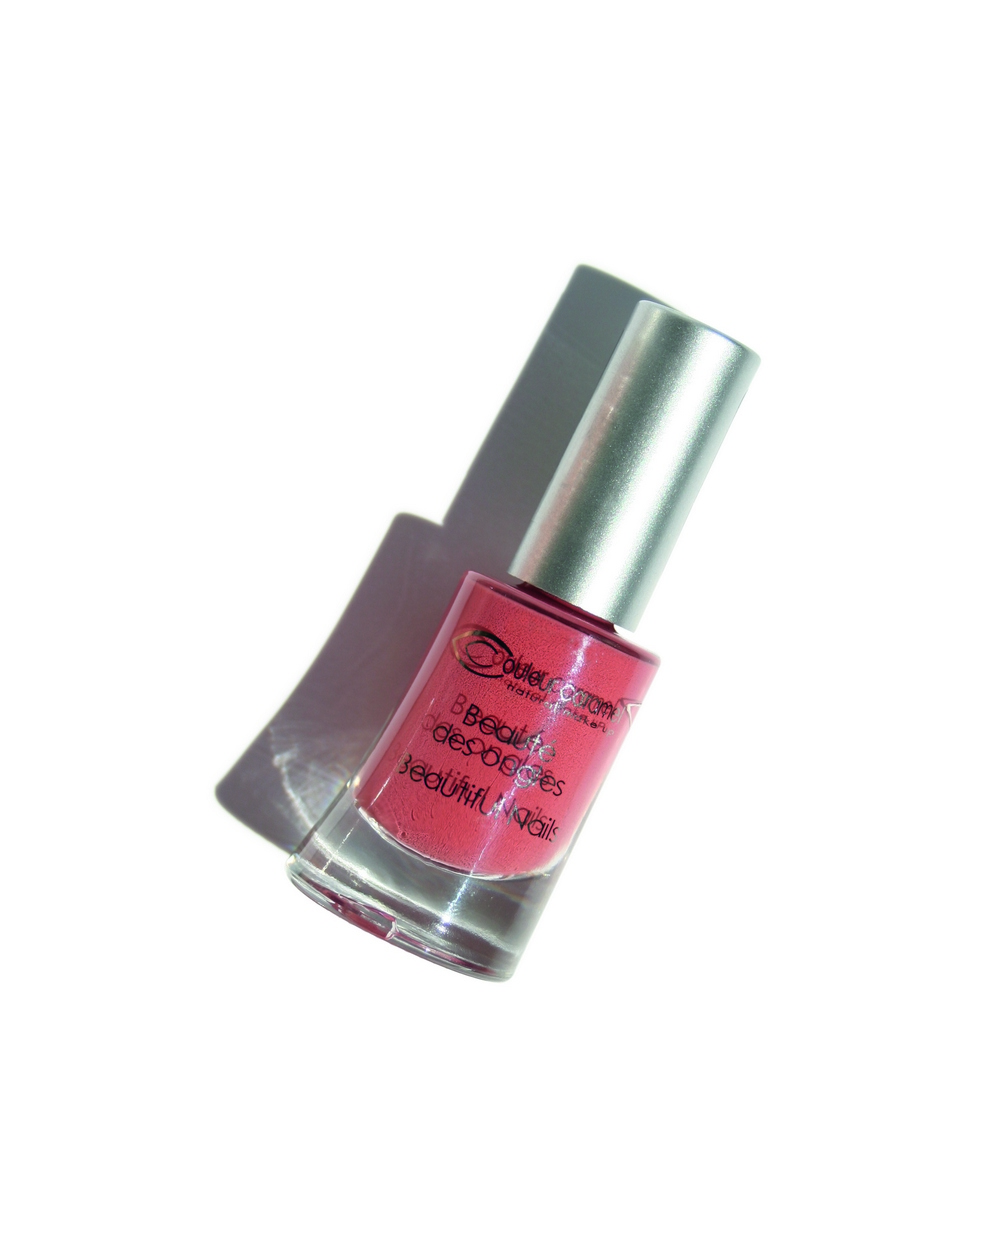 Vernis a ongles argile rose couleur caramel 18840 embellissetvous fr